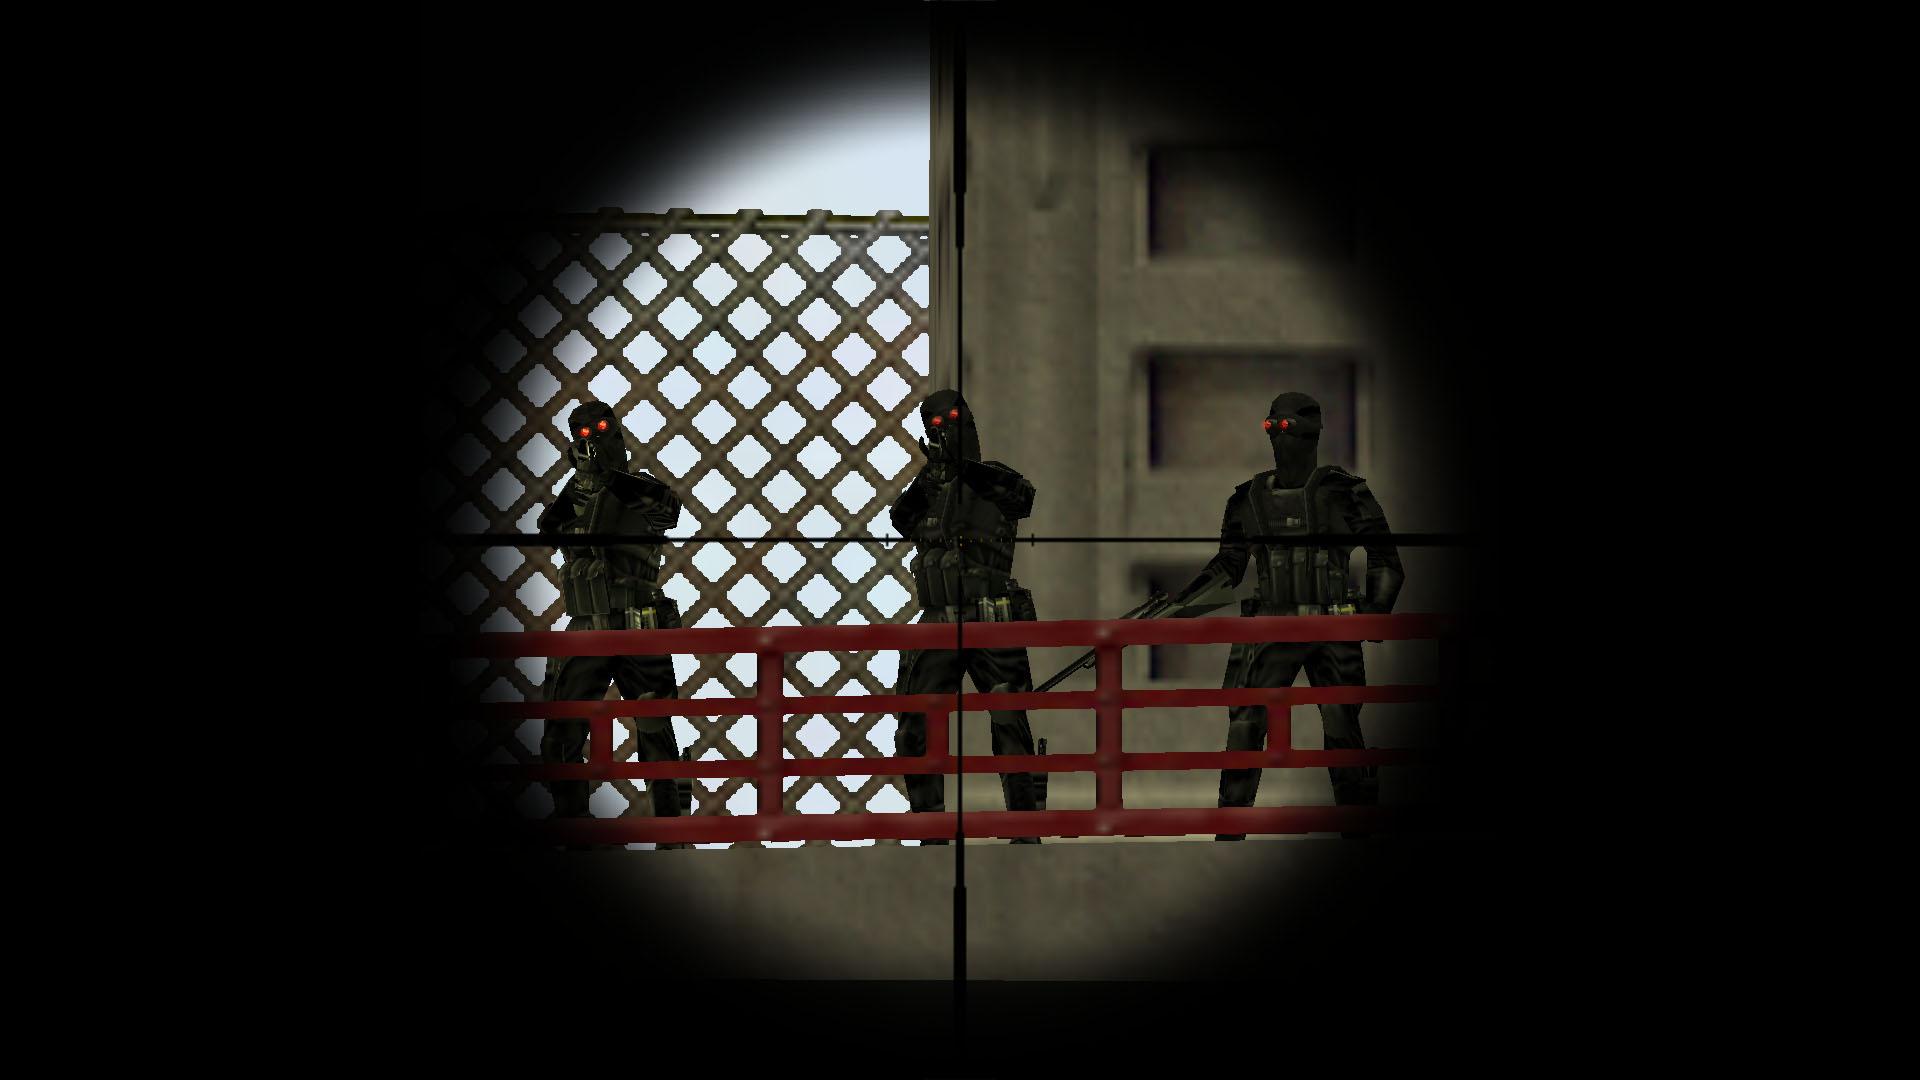 Из за слоупока справа, умрут все трое) - Half-Life